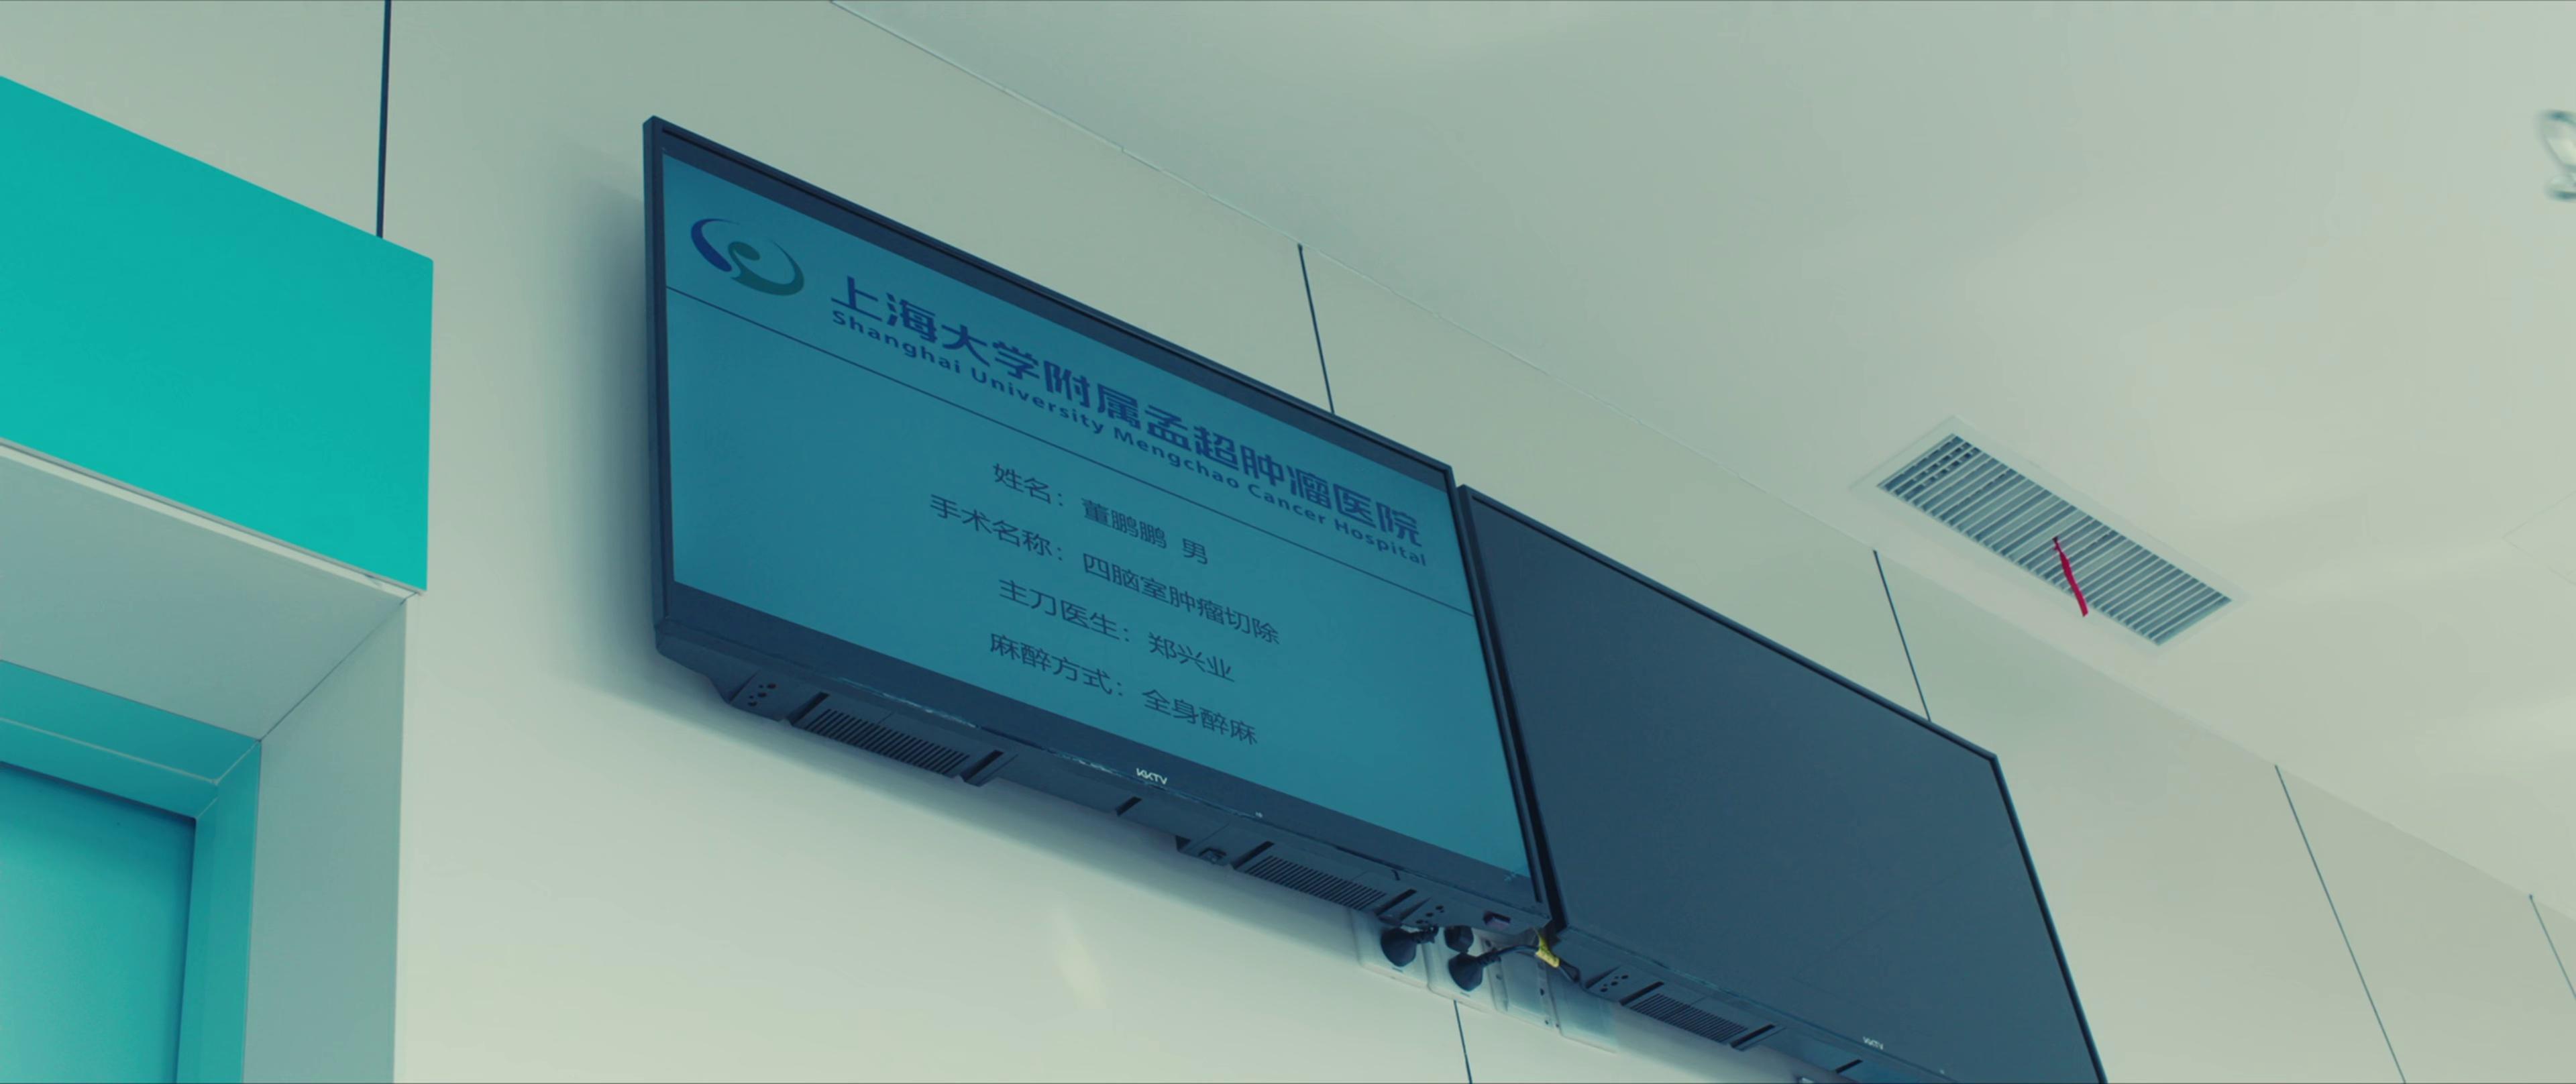 悠悠MP4_MP4电影下载_[大城大楼][WEB-MKV/8.75GB][国语配音/中文字幕][4K-2160P][H265编码][中国电影,2021影院,陈奕龙,2021等评